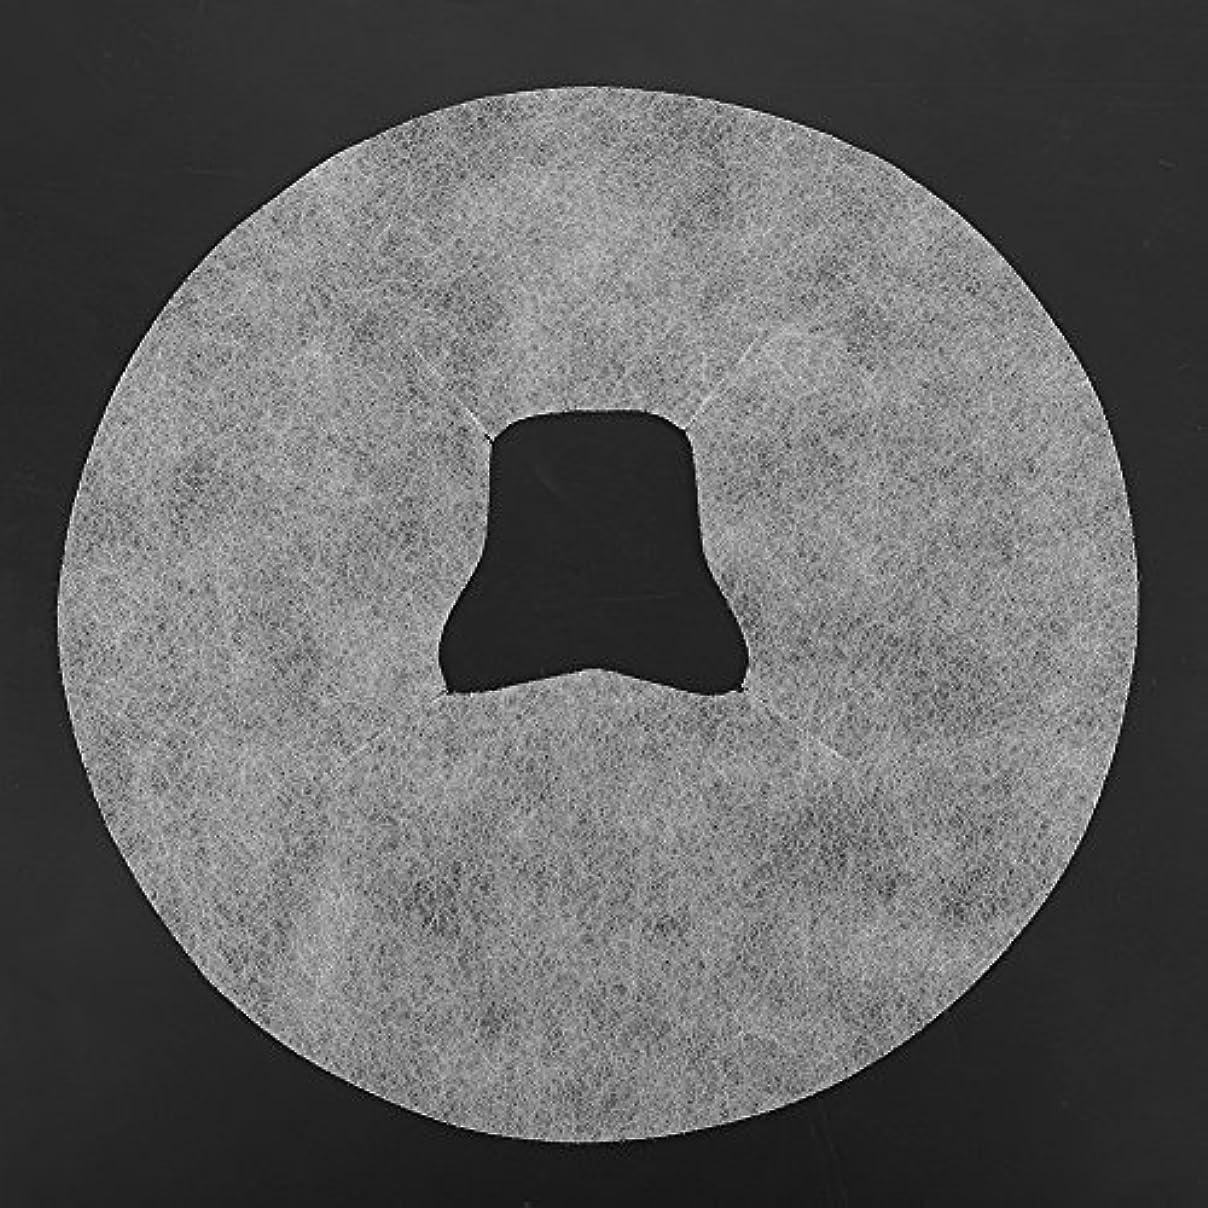 シェード職人はずSoarUp 【100枚入】 フェイスマッサージパッド 使い捨てタオル 顔用 使い捨て 不織布材料 通気性 美容院?スパ?美容マッサージ専用 衛生的 安全 ホワイト